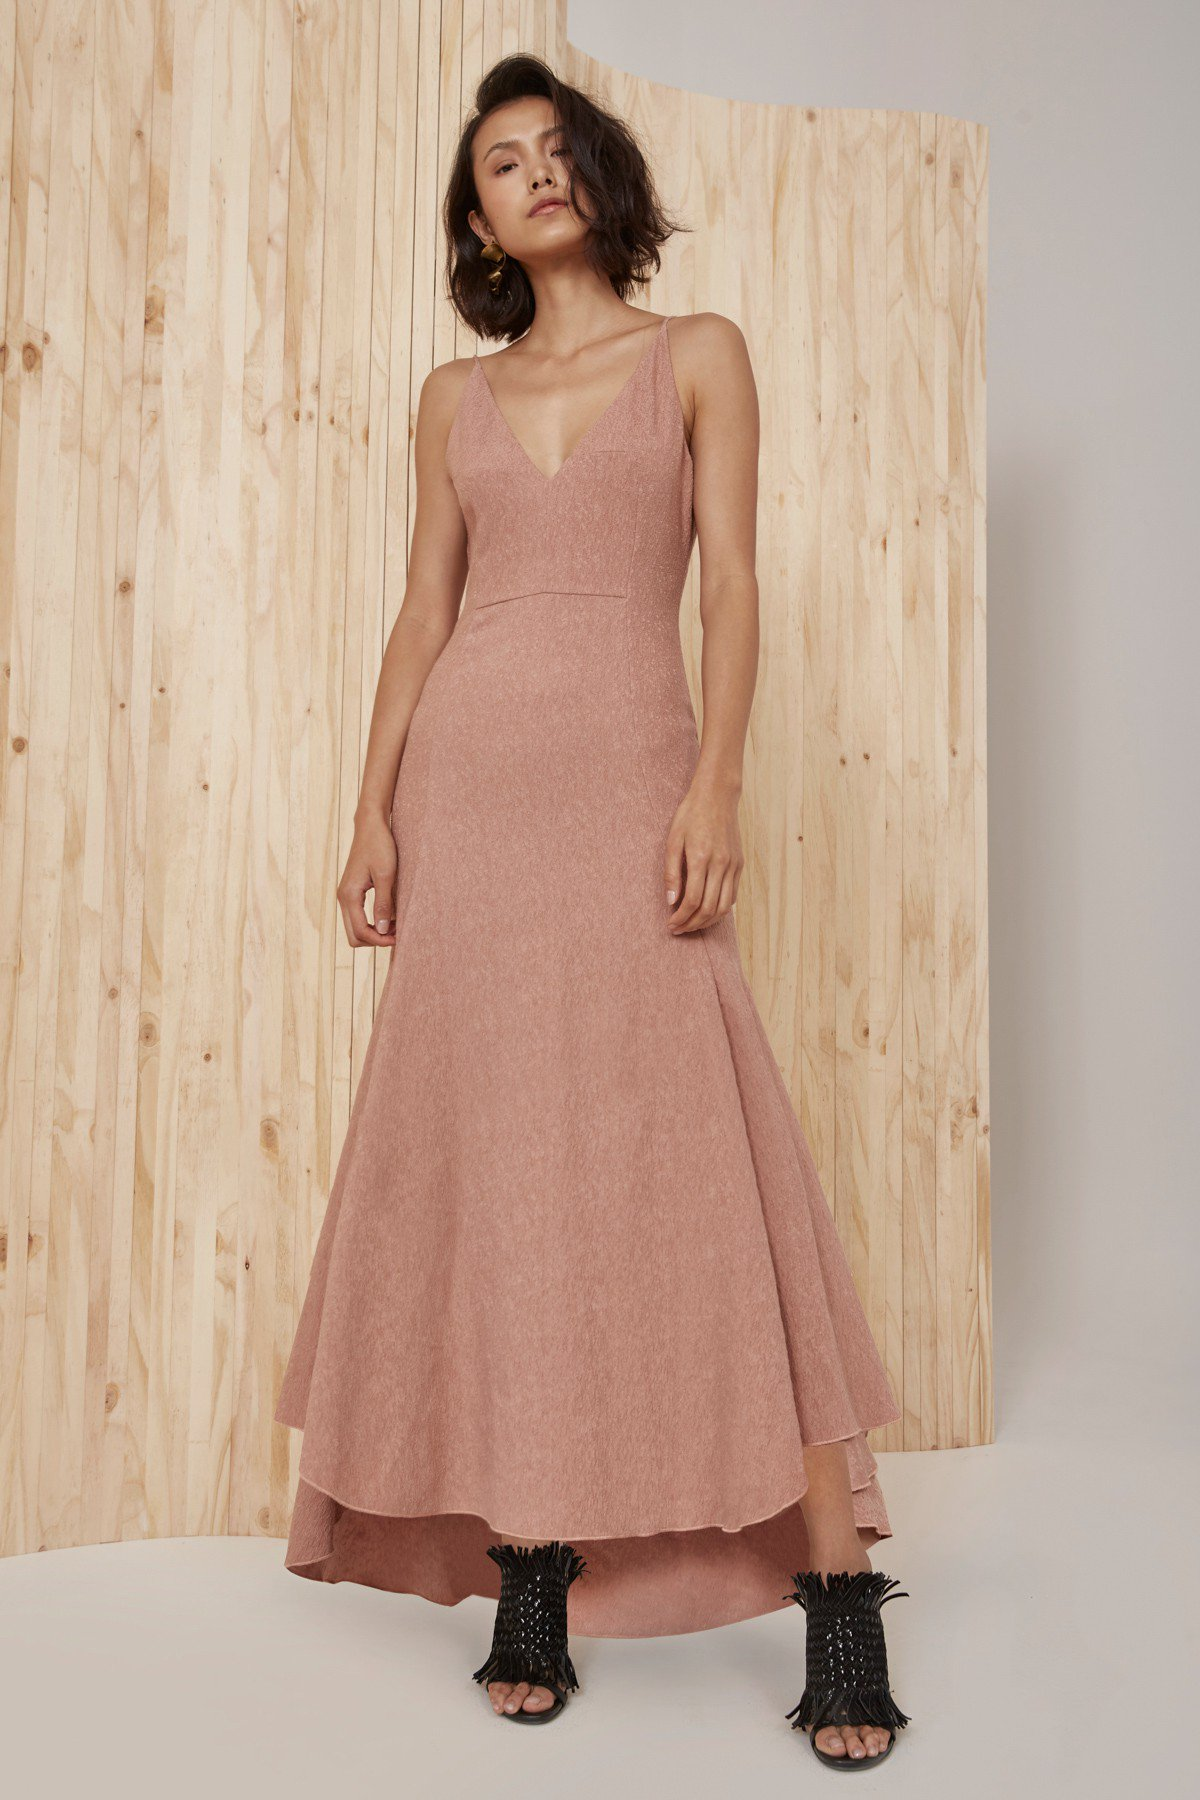 Shop C/MEO I Dream It Full Length Dress.